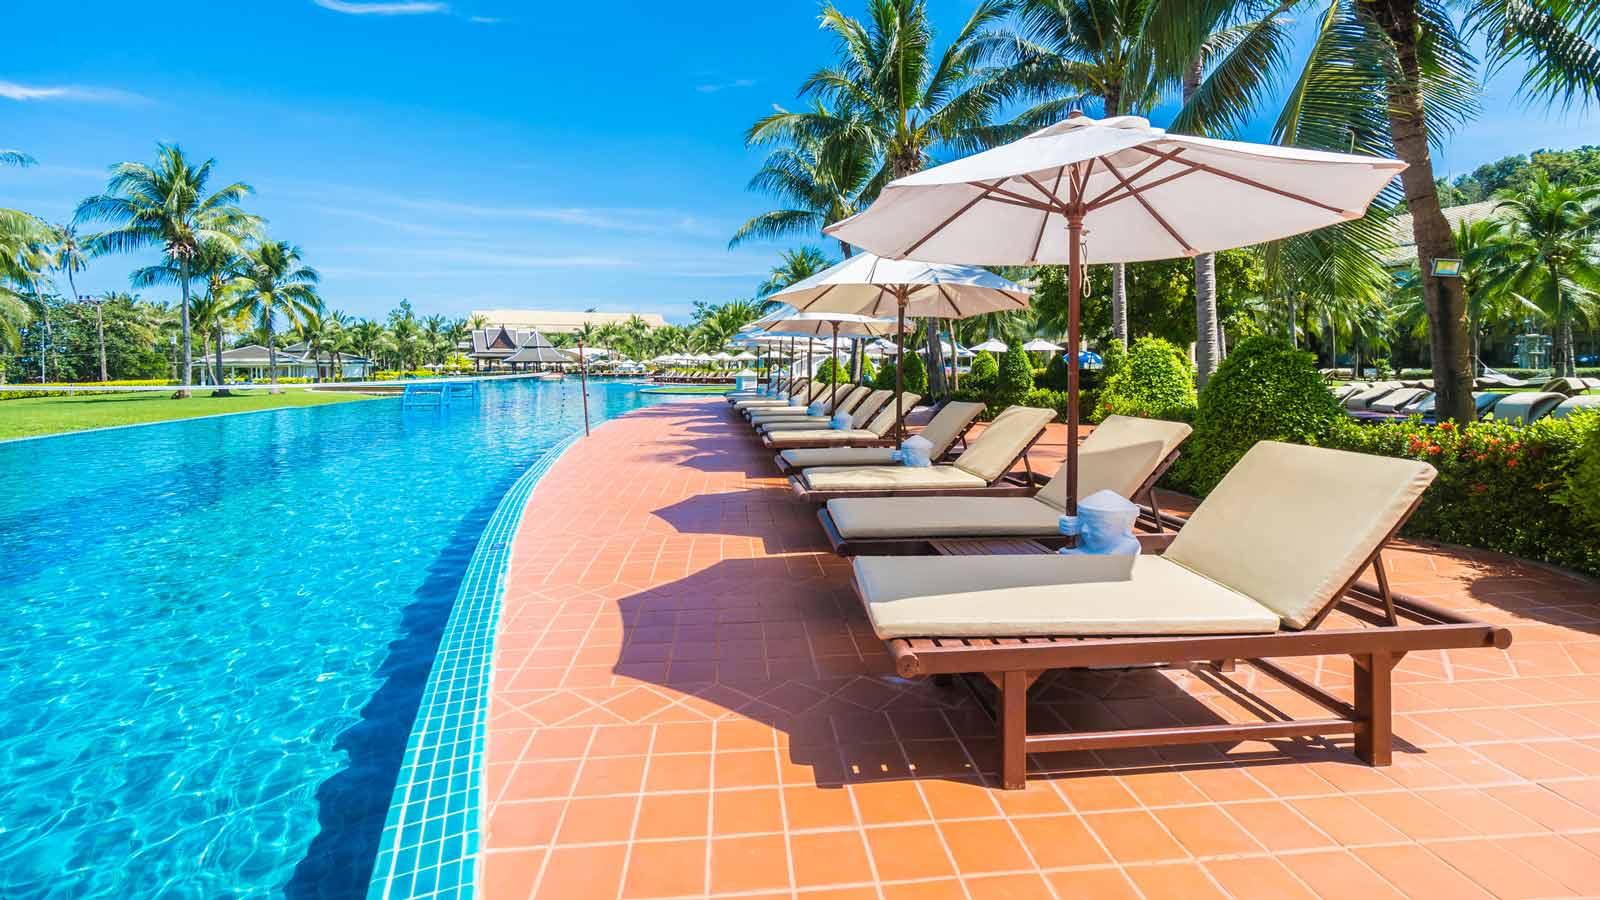 【全国】プールが人気のホテルランキング!